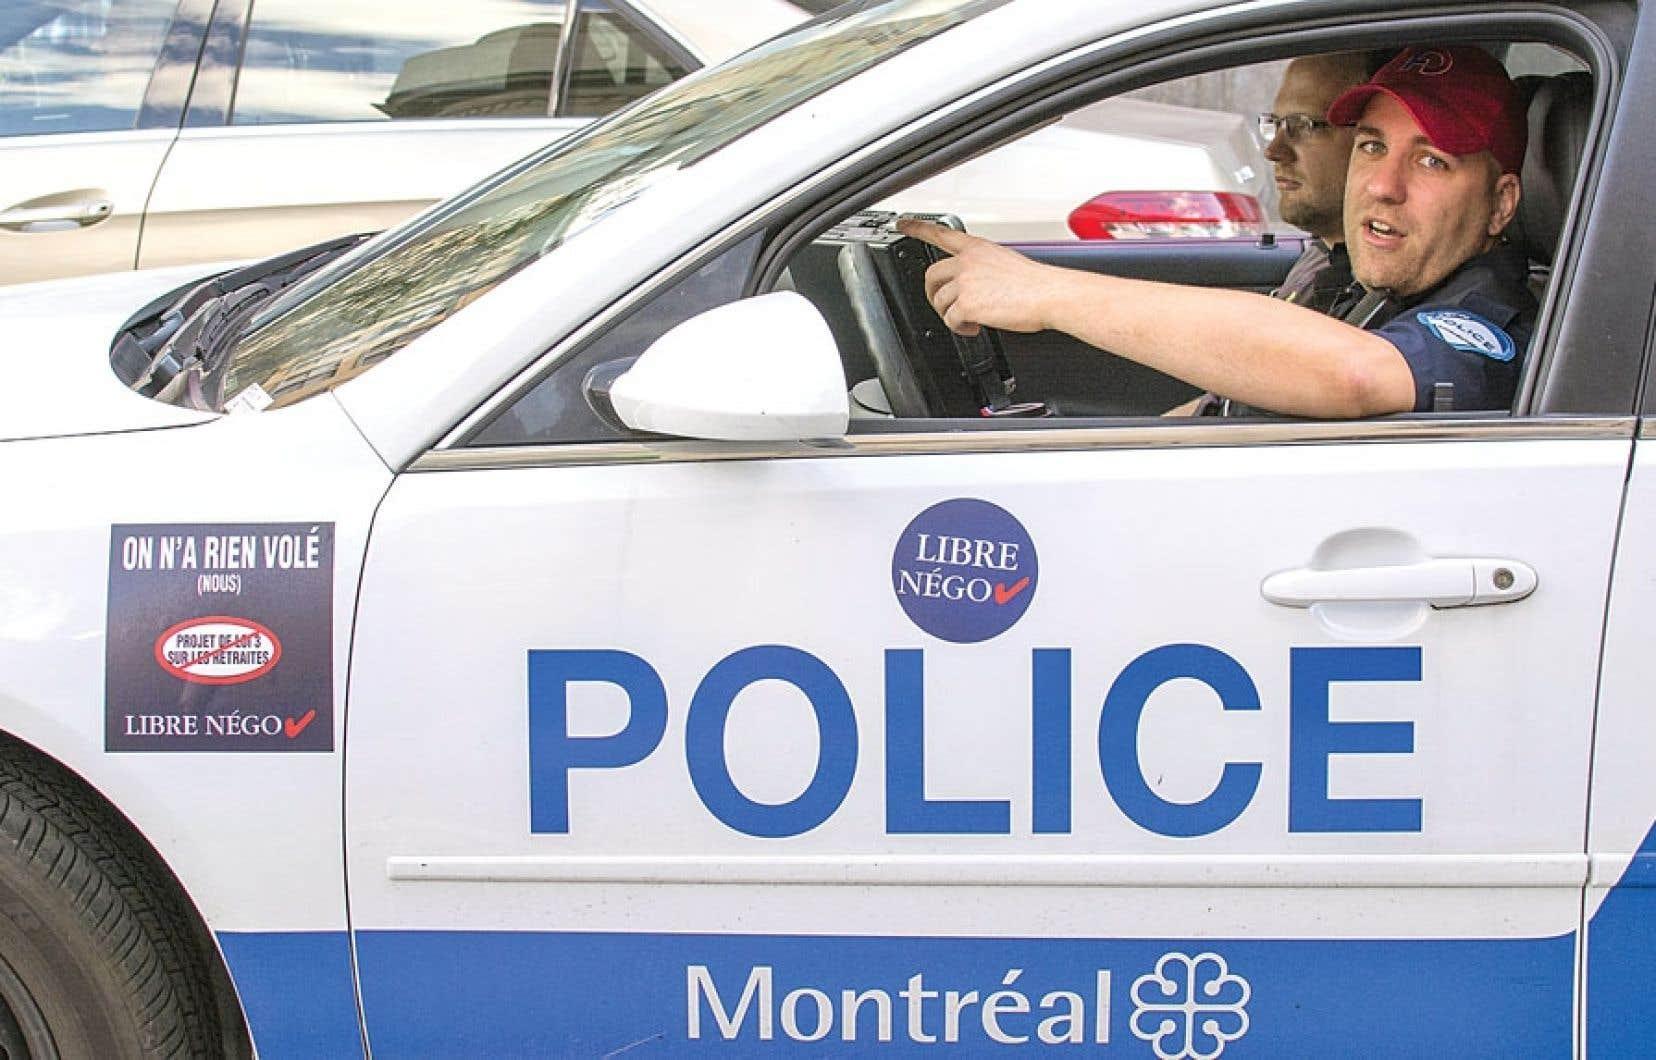 Les policiers de Montréal usent de moyens de pression, comme le port de casquettes rouges et de pantalons de camouflage, pour dénoncer le projet de loi sur les régimes de retraite des employés pour municipaux.